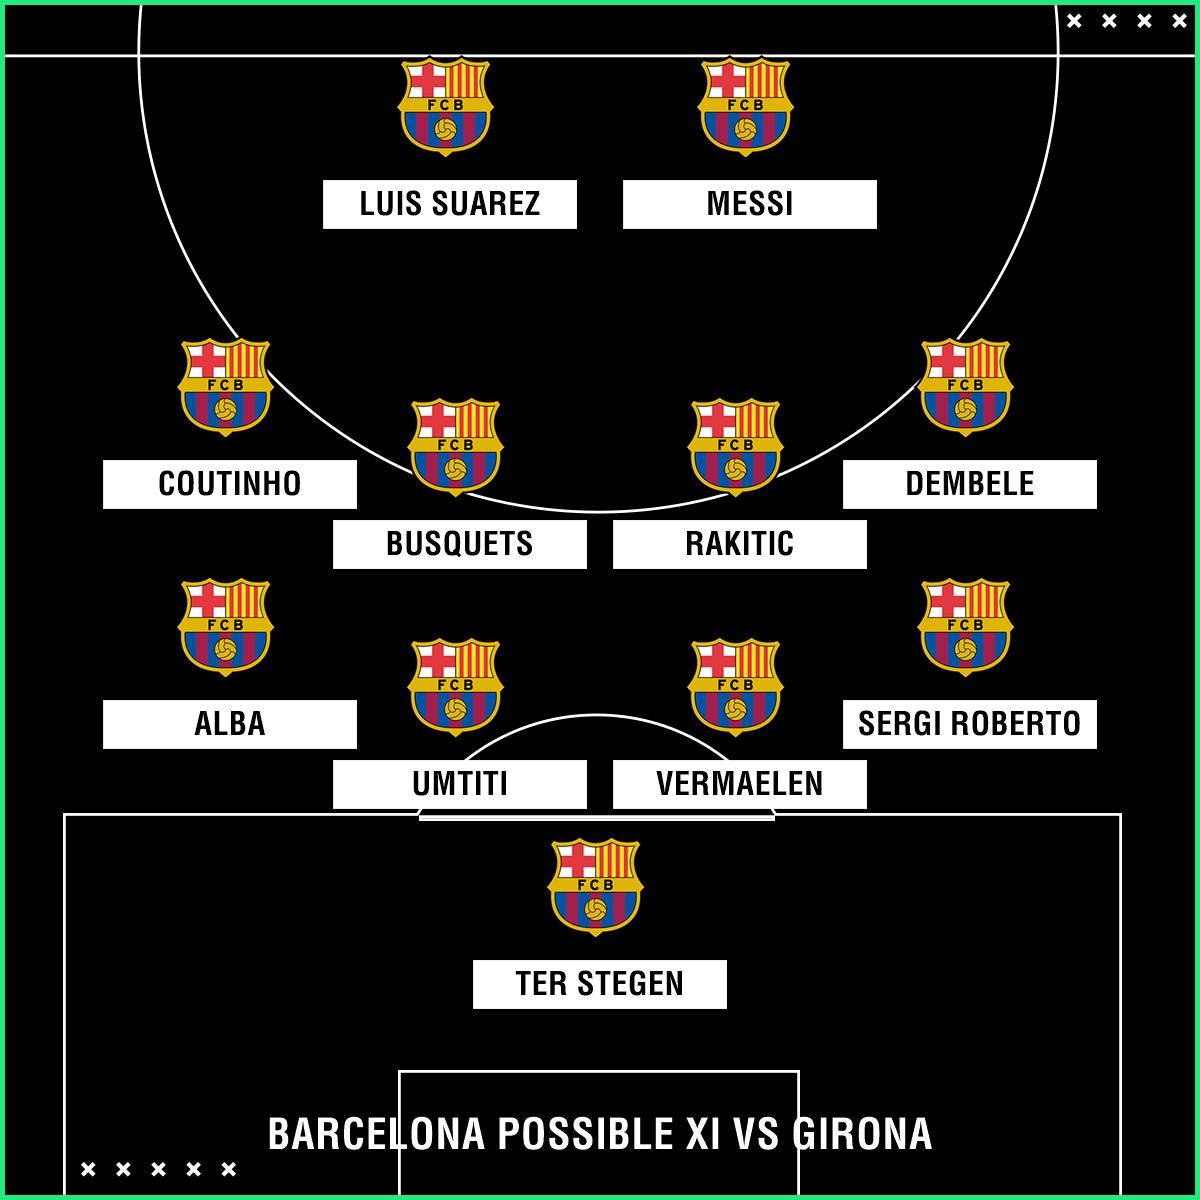 Barca possible Girona